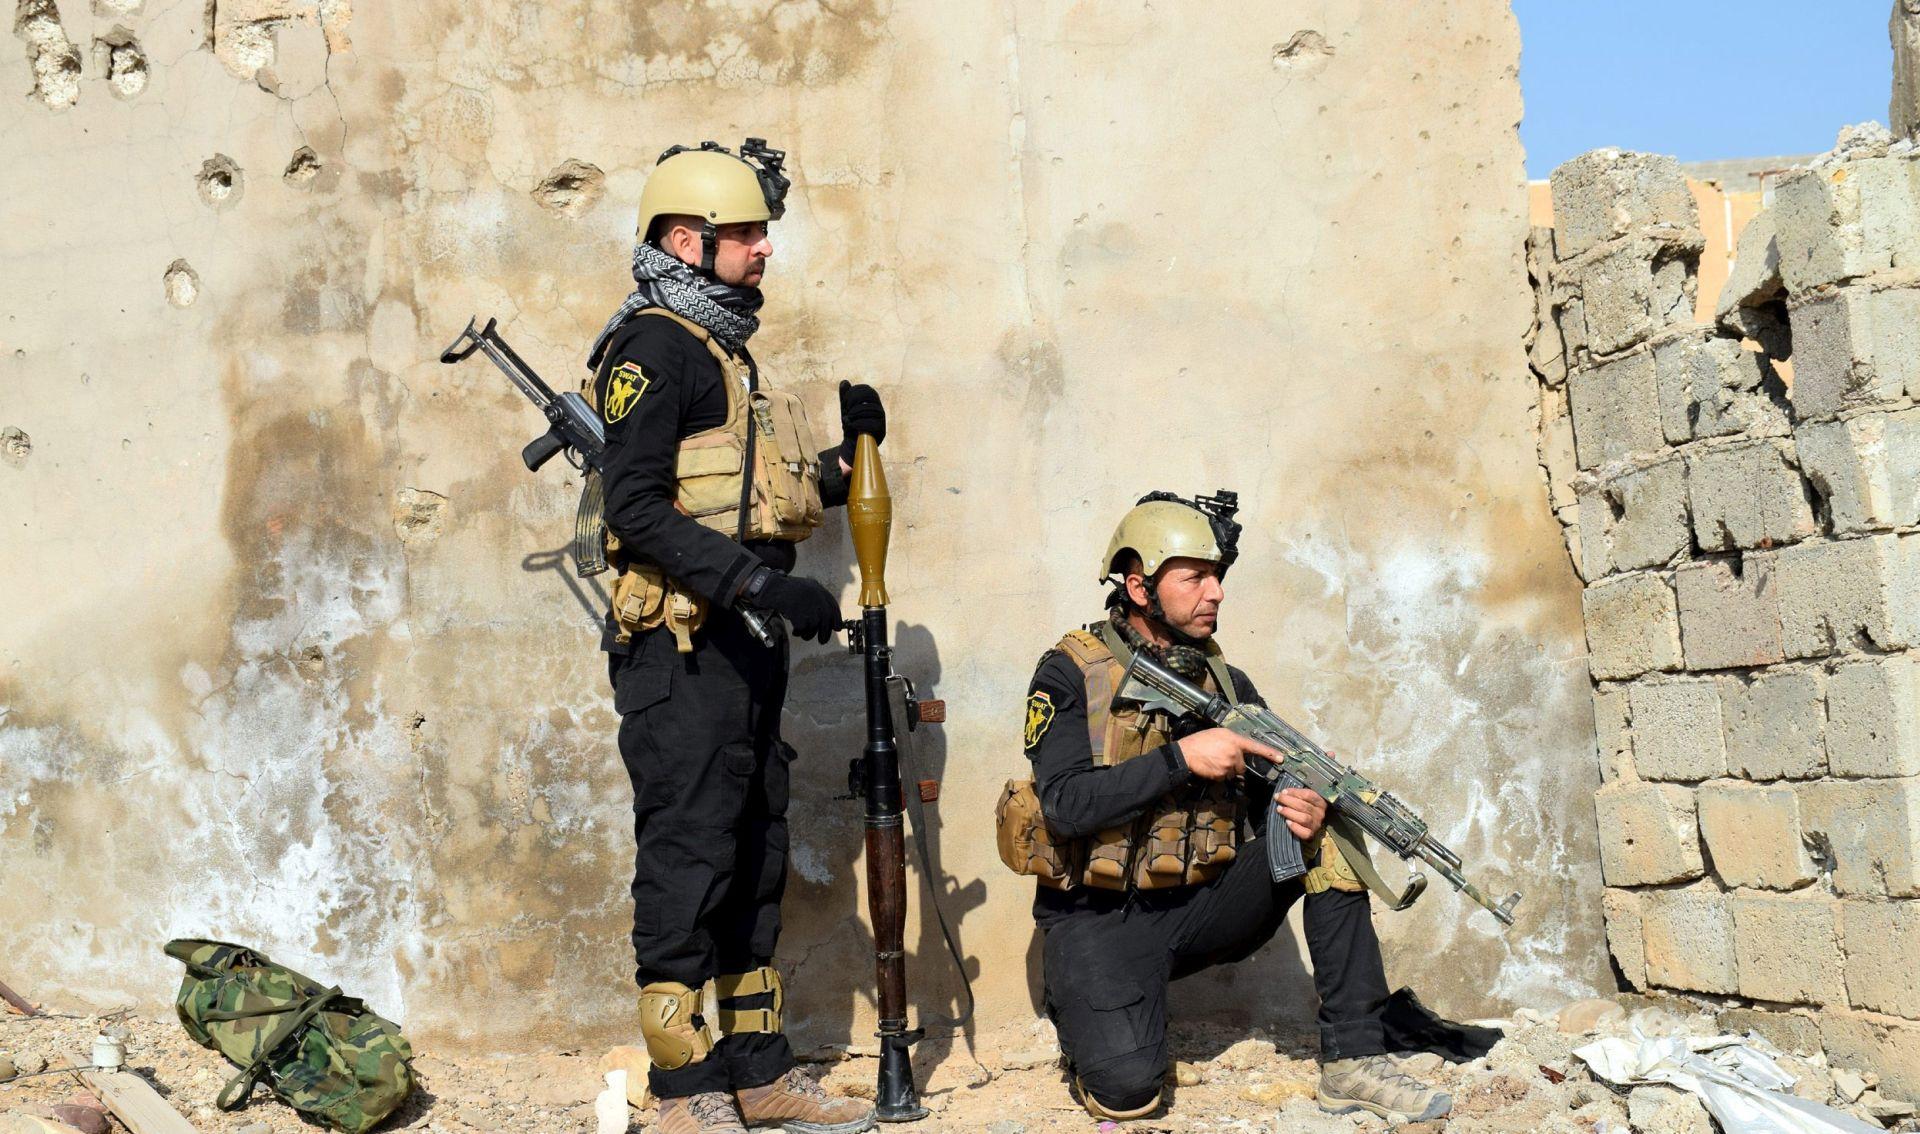 POTPUNO OPKOLJENI: Iračke snage opkolile kompleks u Ramadiju koji drži Islamska država